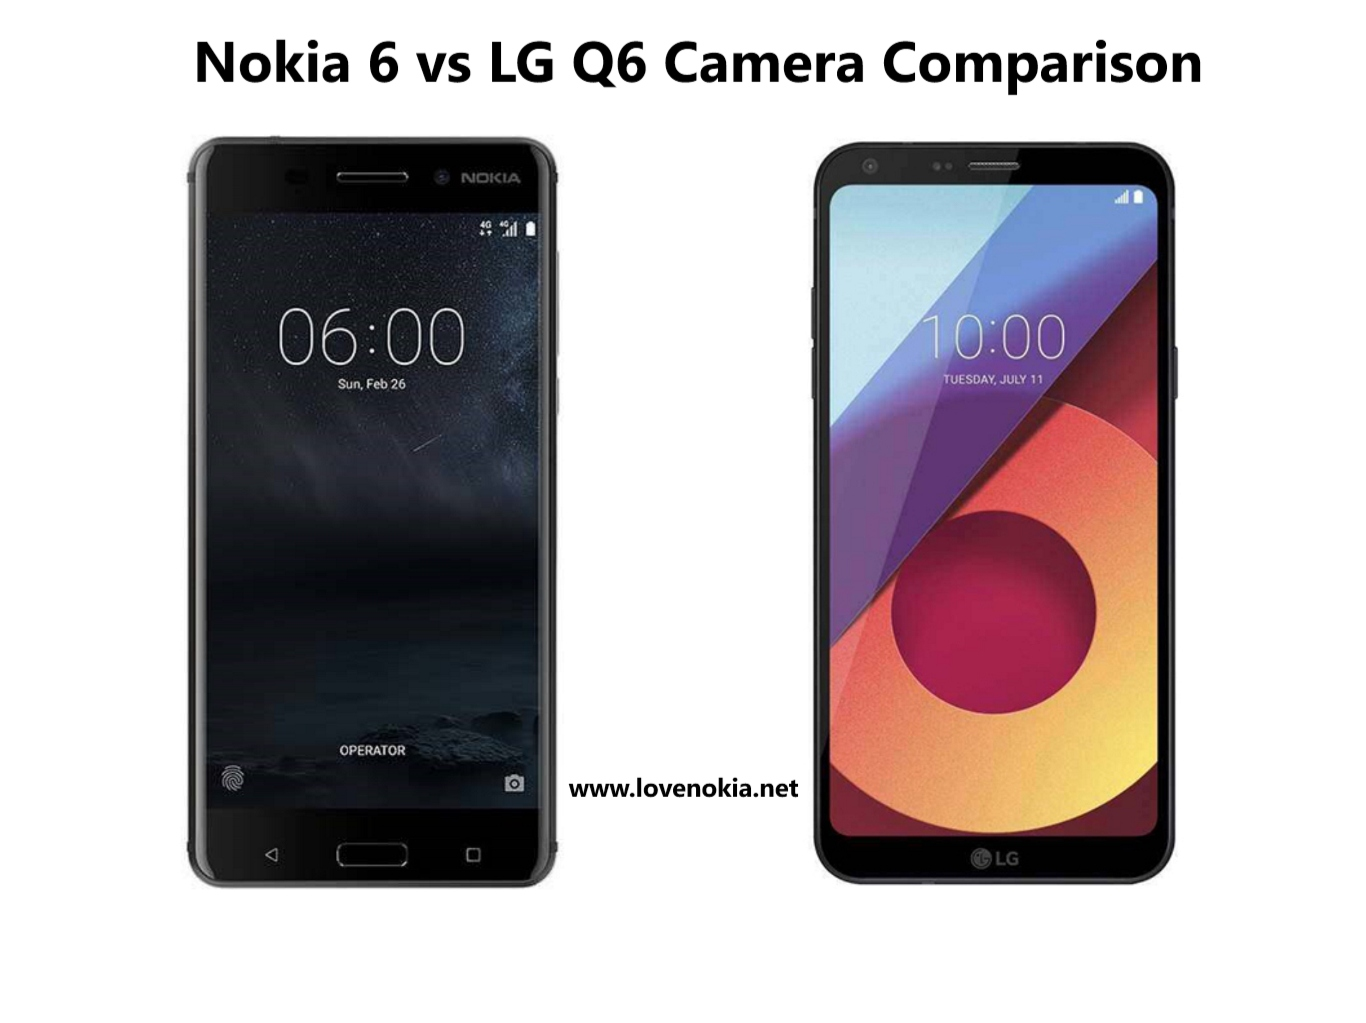 lovenokia latest news and information about nokia mobile rh lovenokia net Nokia Lumia 521 Manual nokia 6 manual